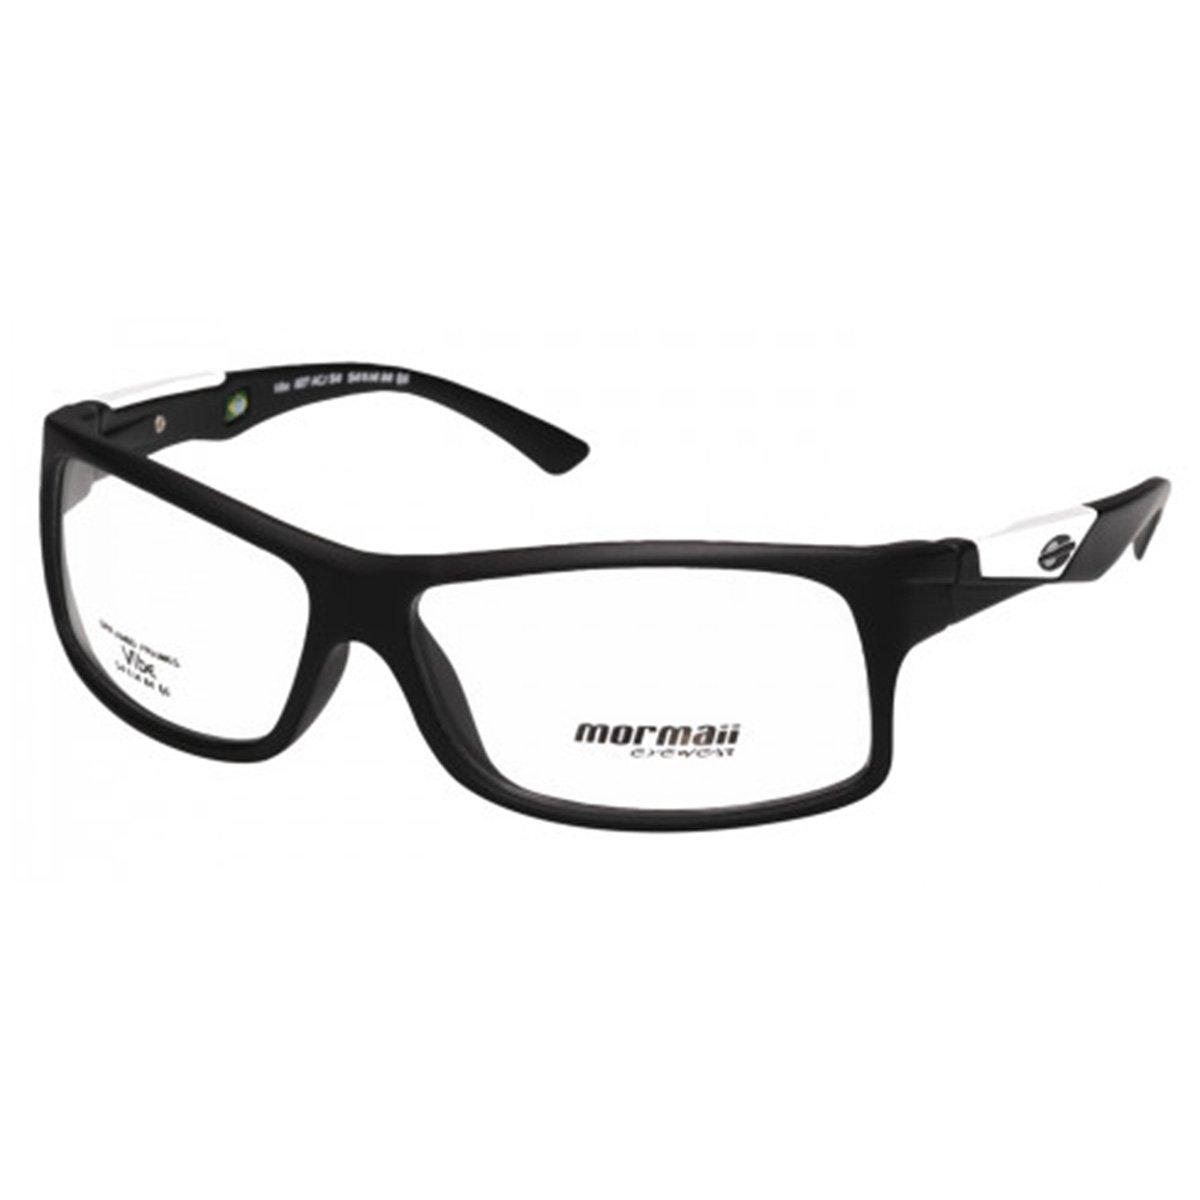 Compre Óculos de Grau Mormaii Vibe em 10X   Tri-Jóia Shop 9d6793a4f3